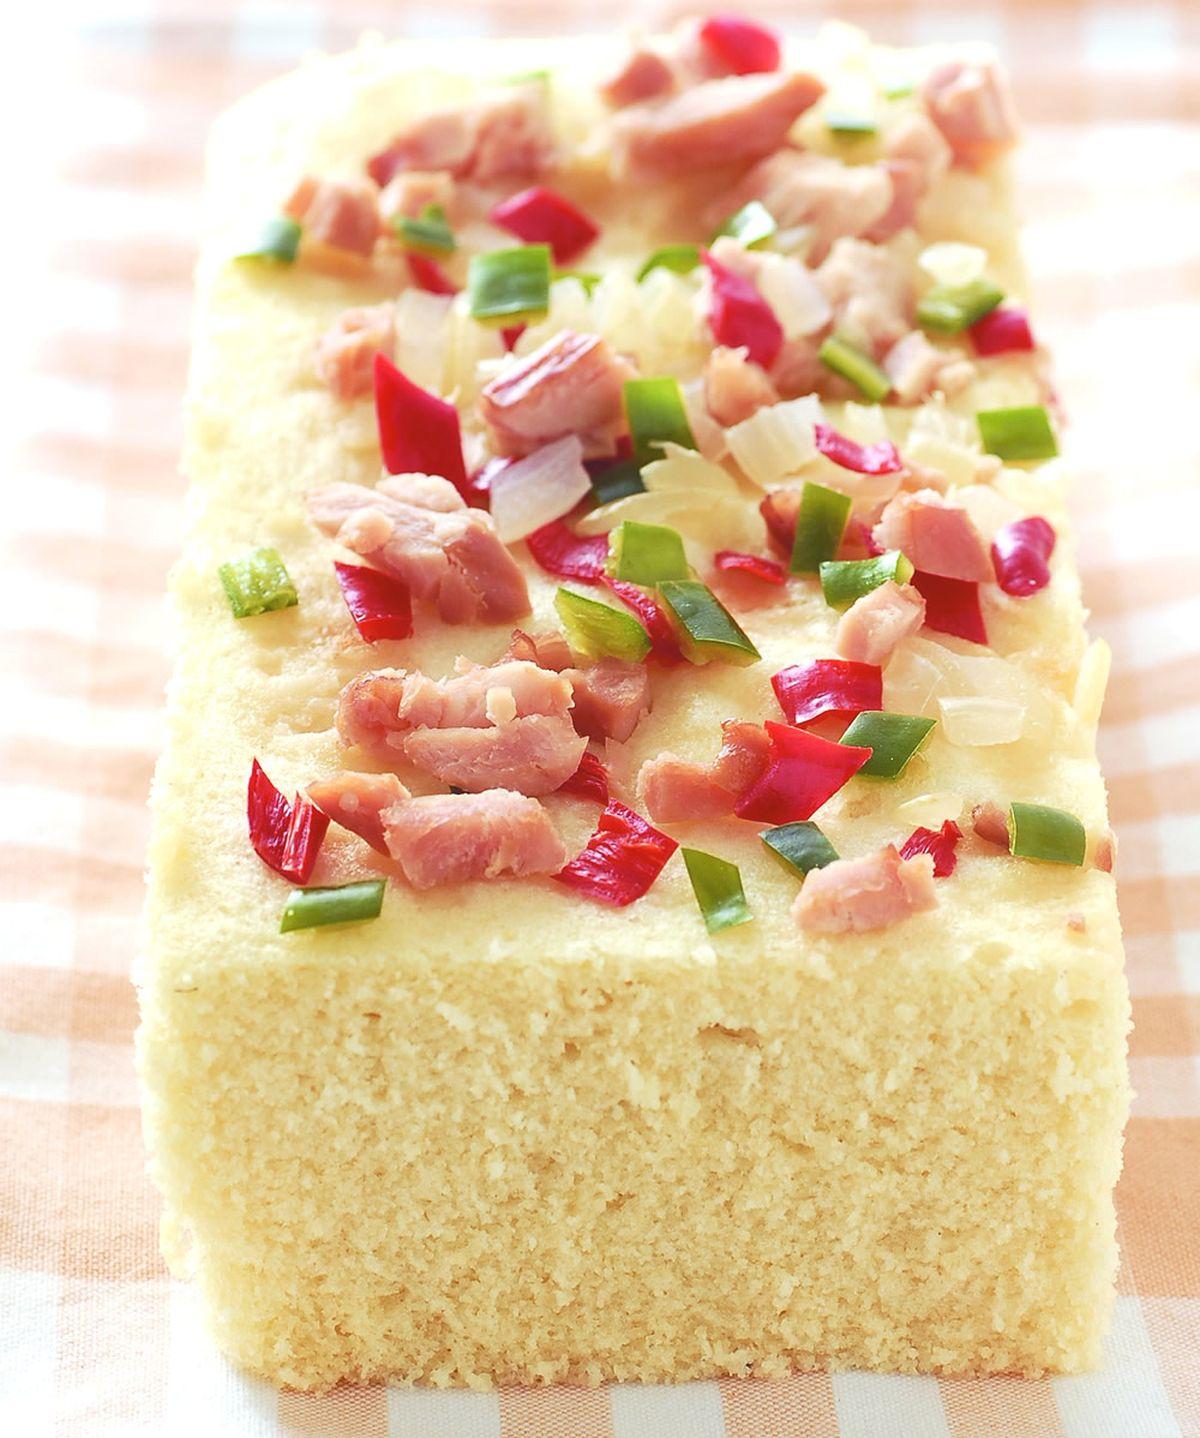 食譜:燻雞肉鹹蛋糕